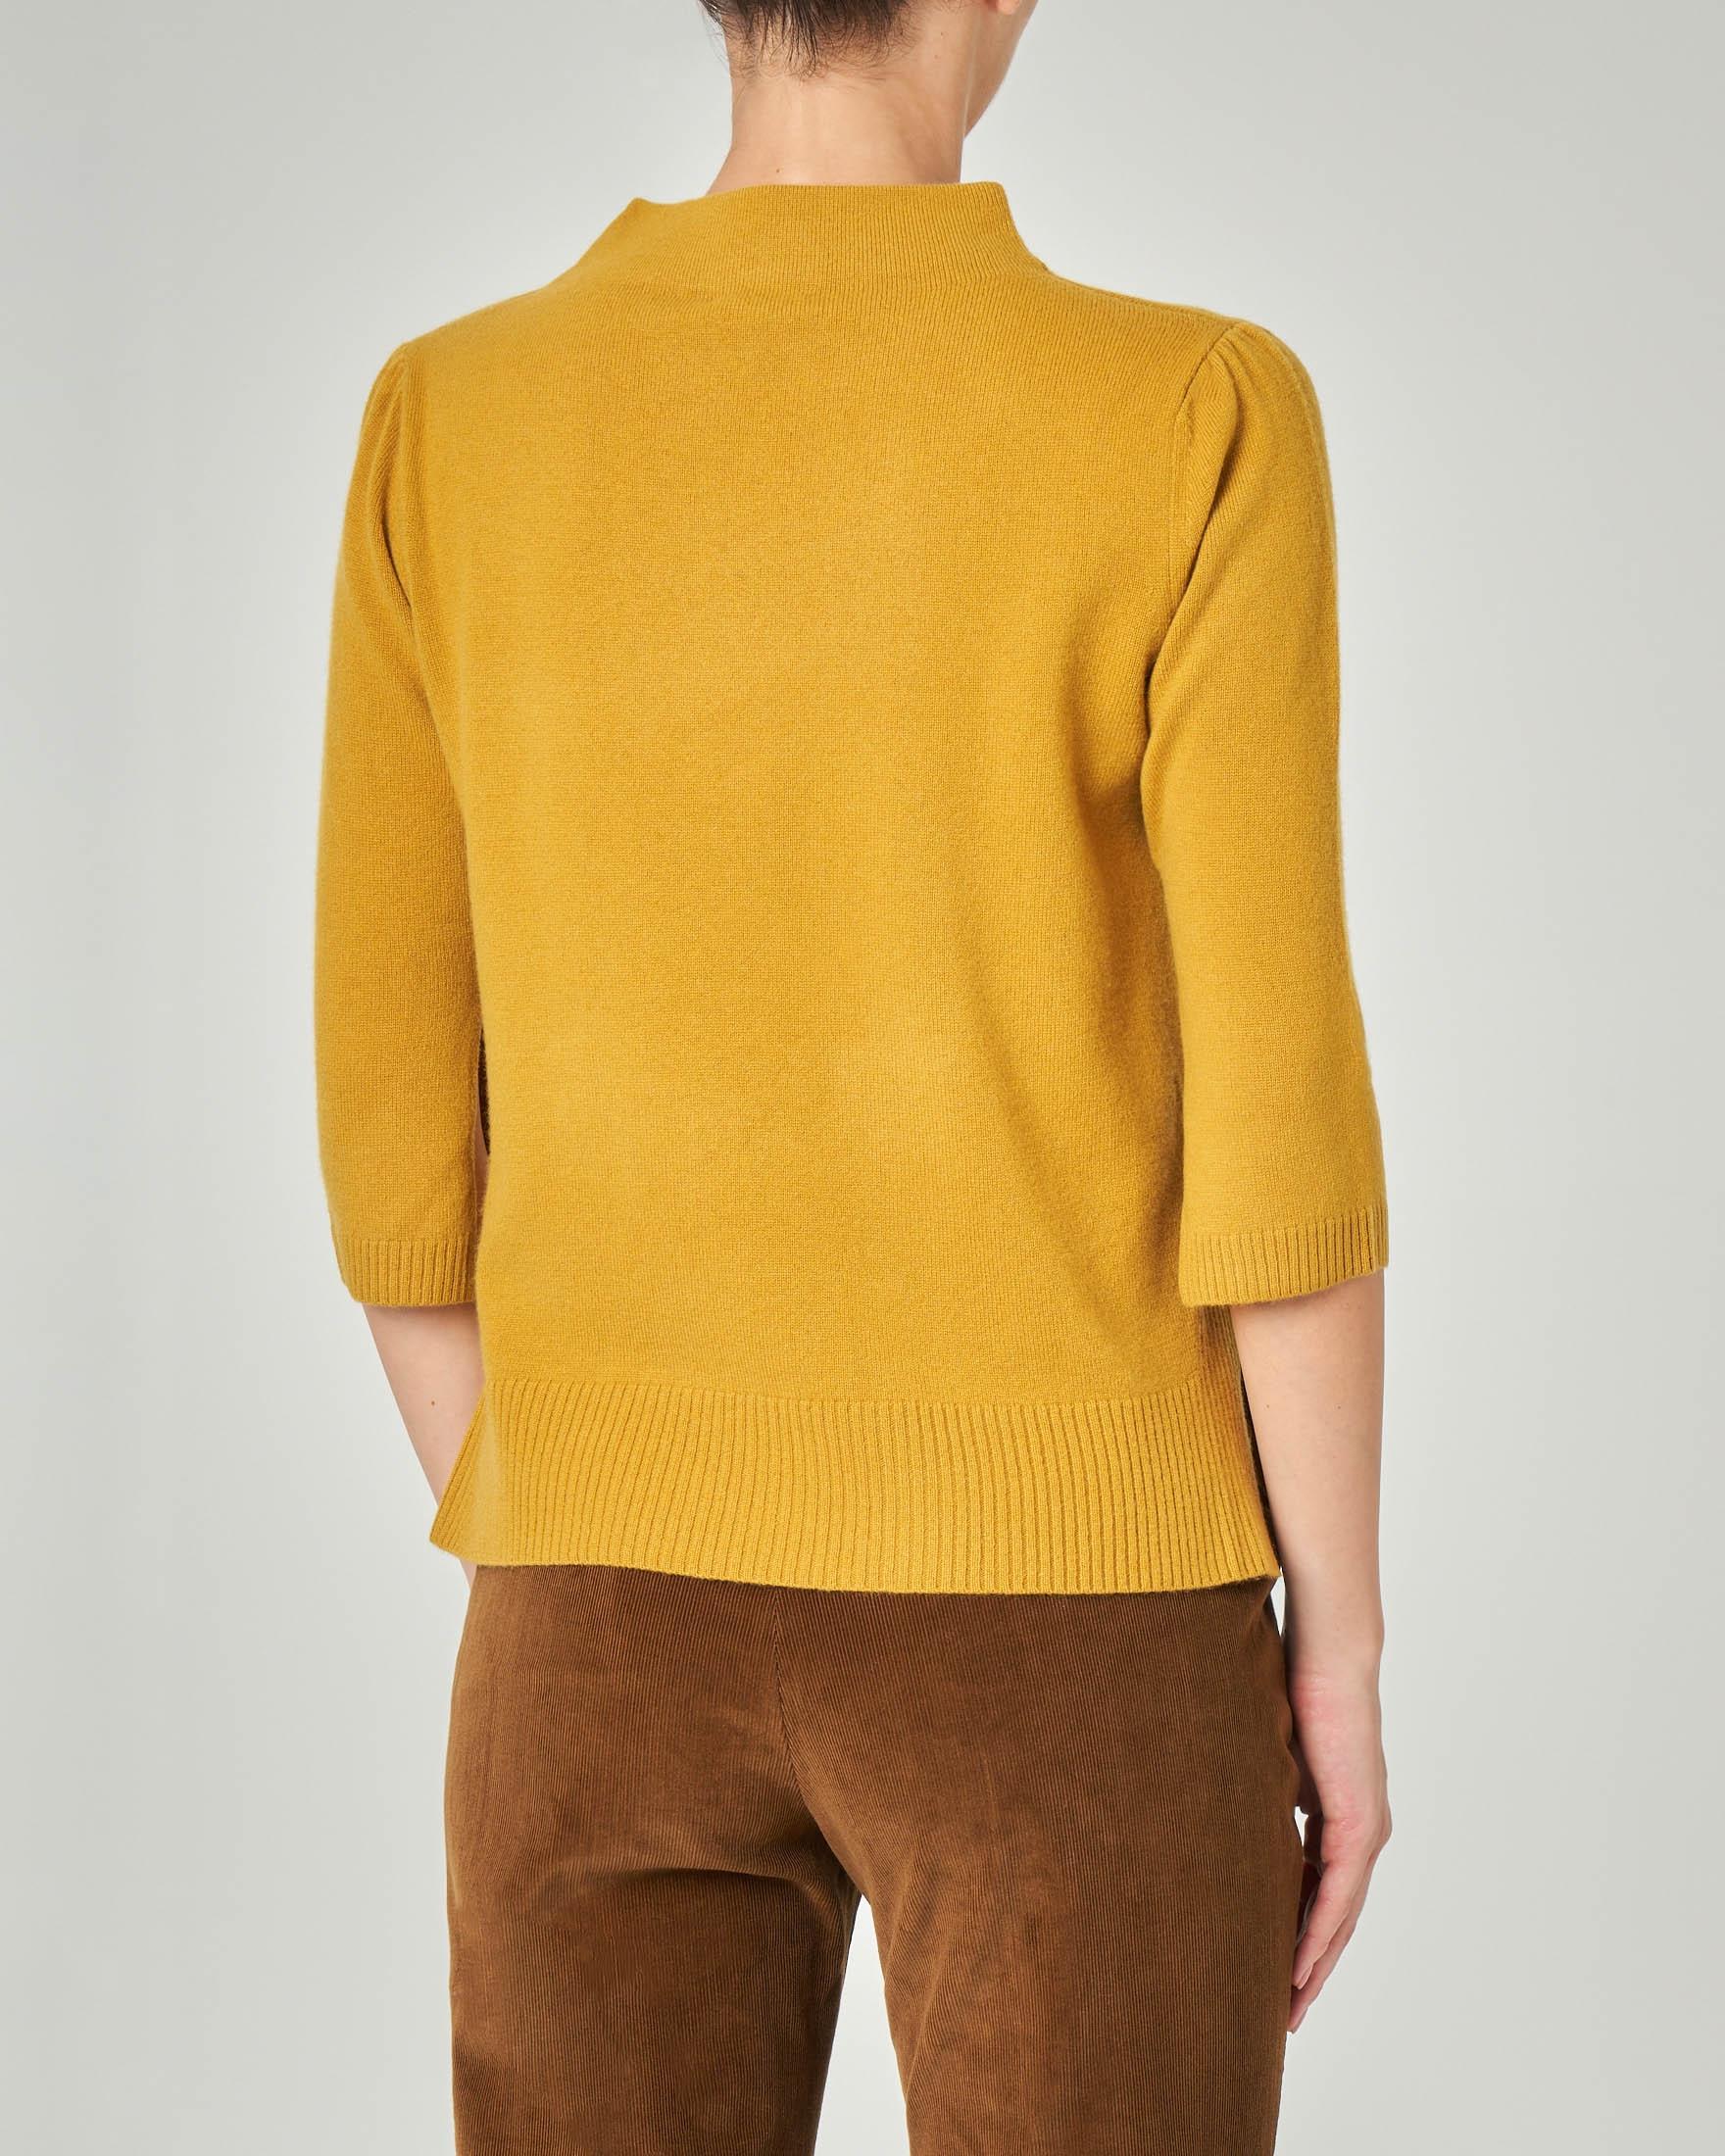 Maglia color giallo in lana misto cashmere con collo alto e maniche tre quarti